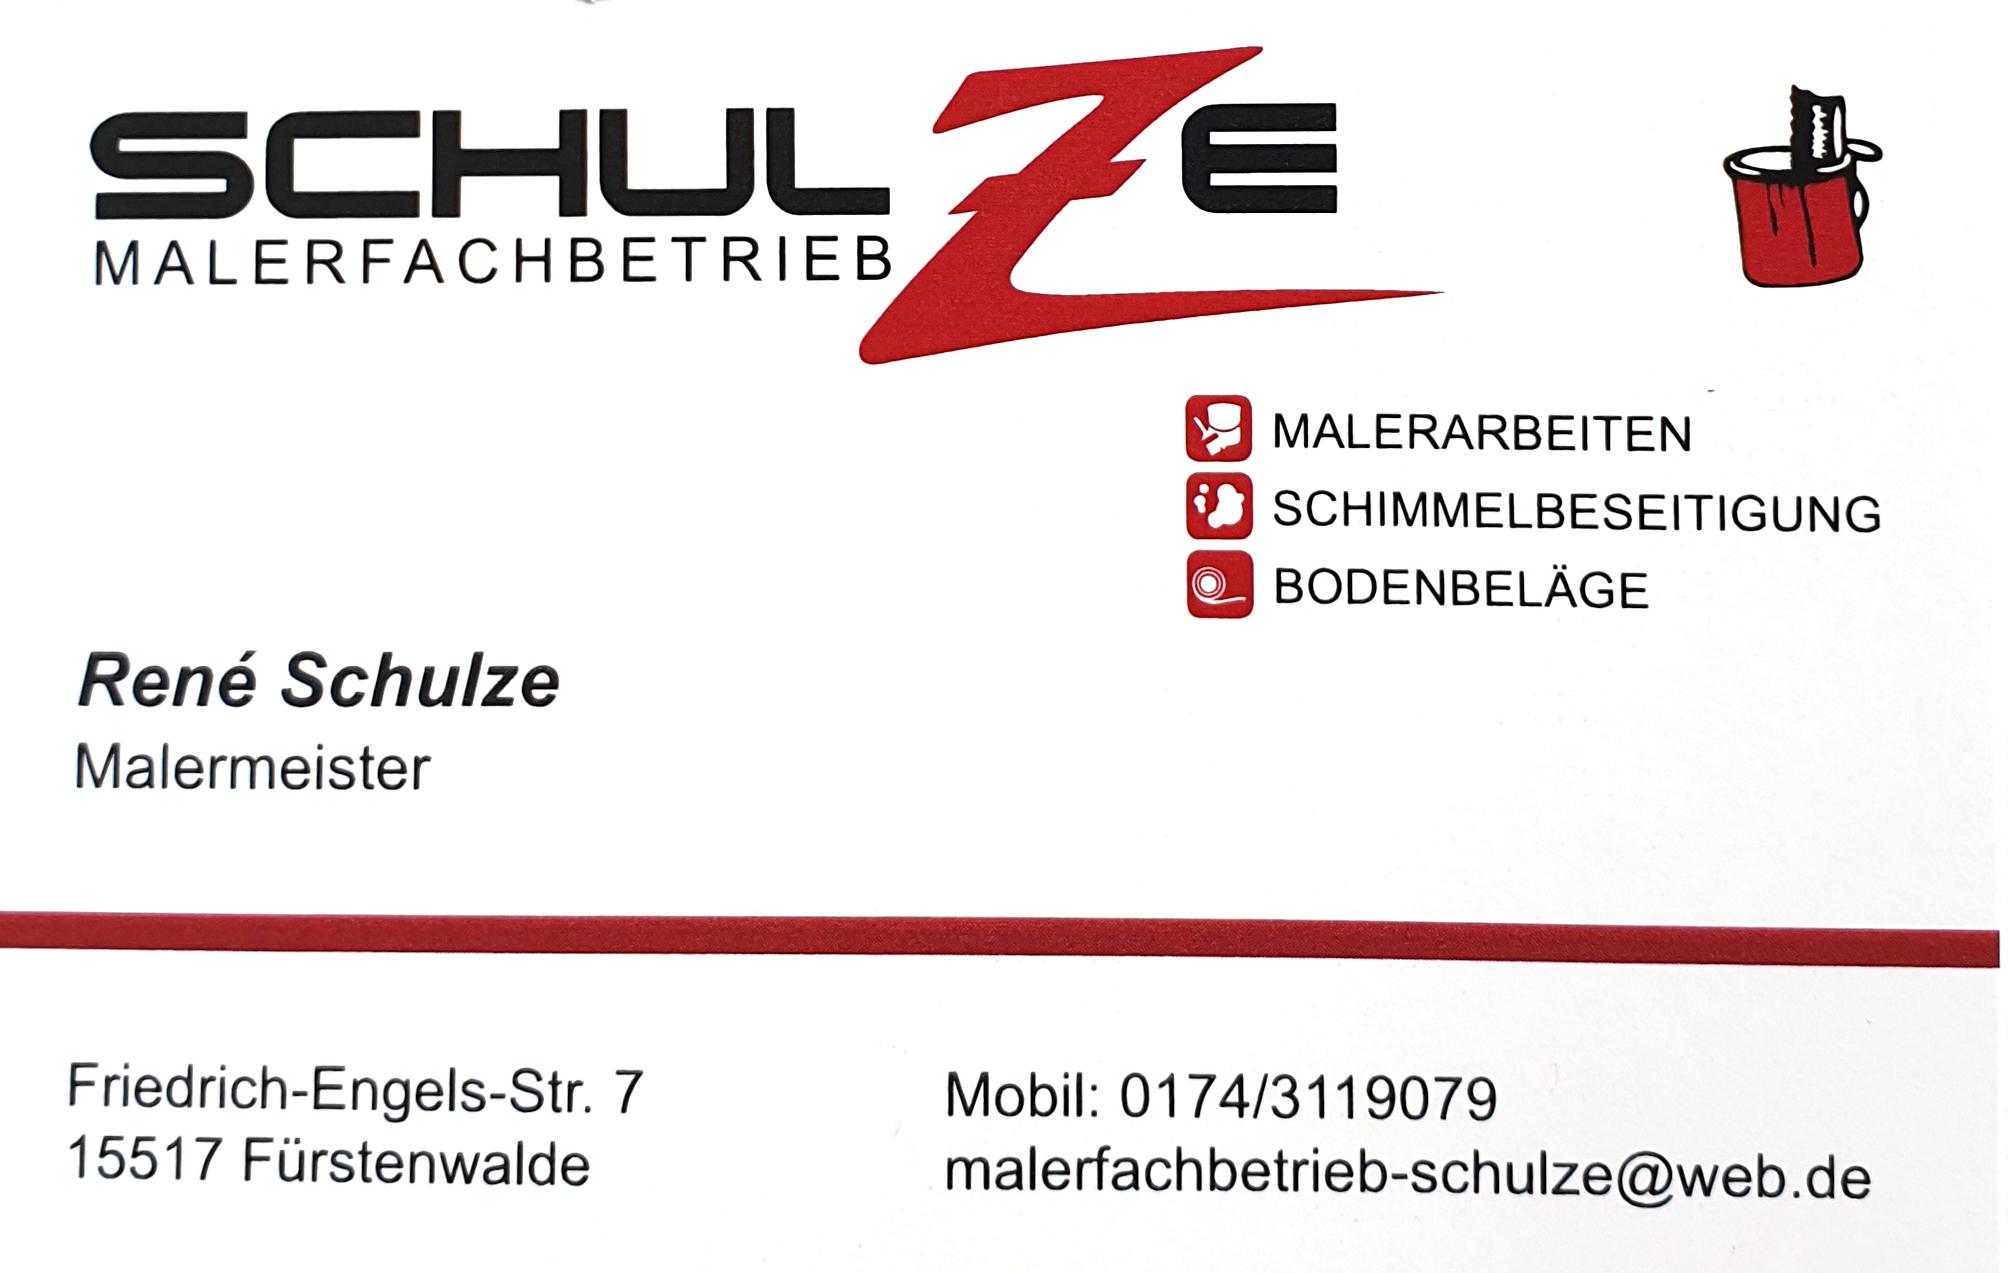 Schulze Malerfachbetrieb